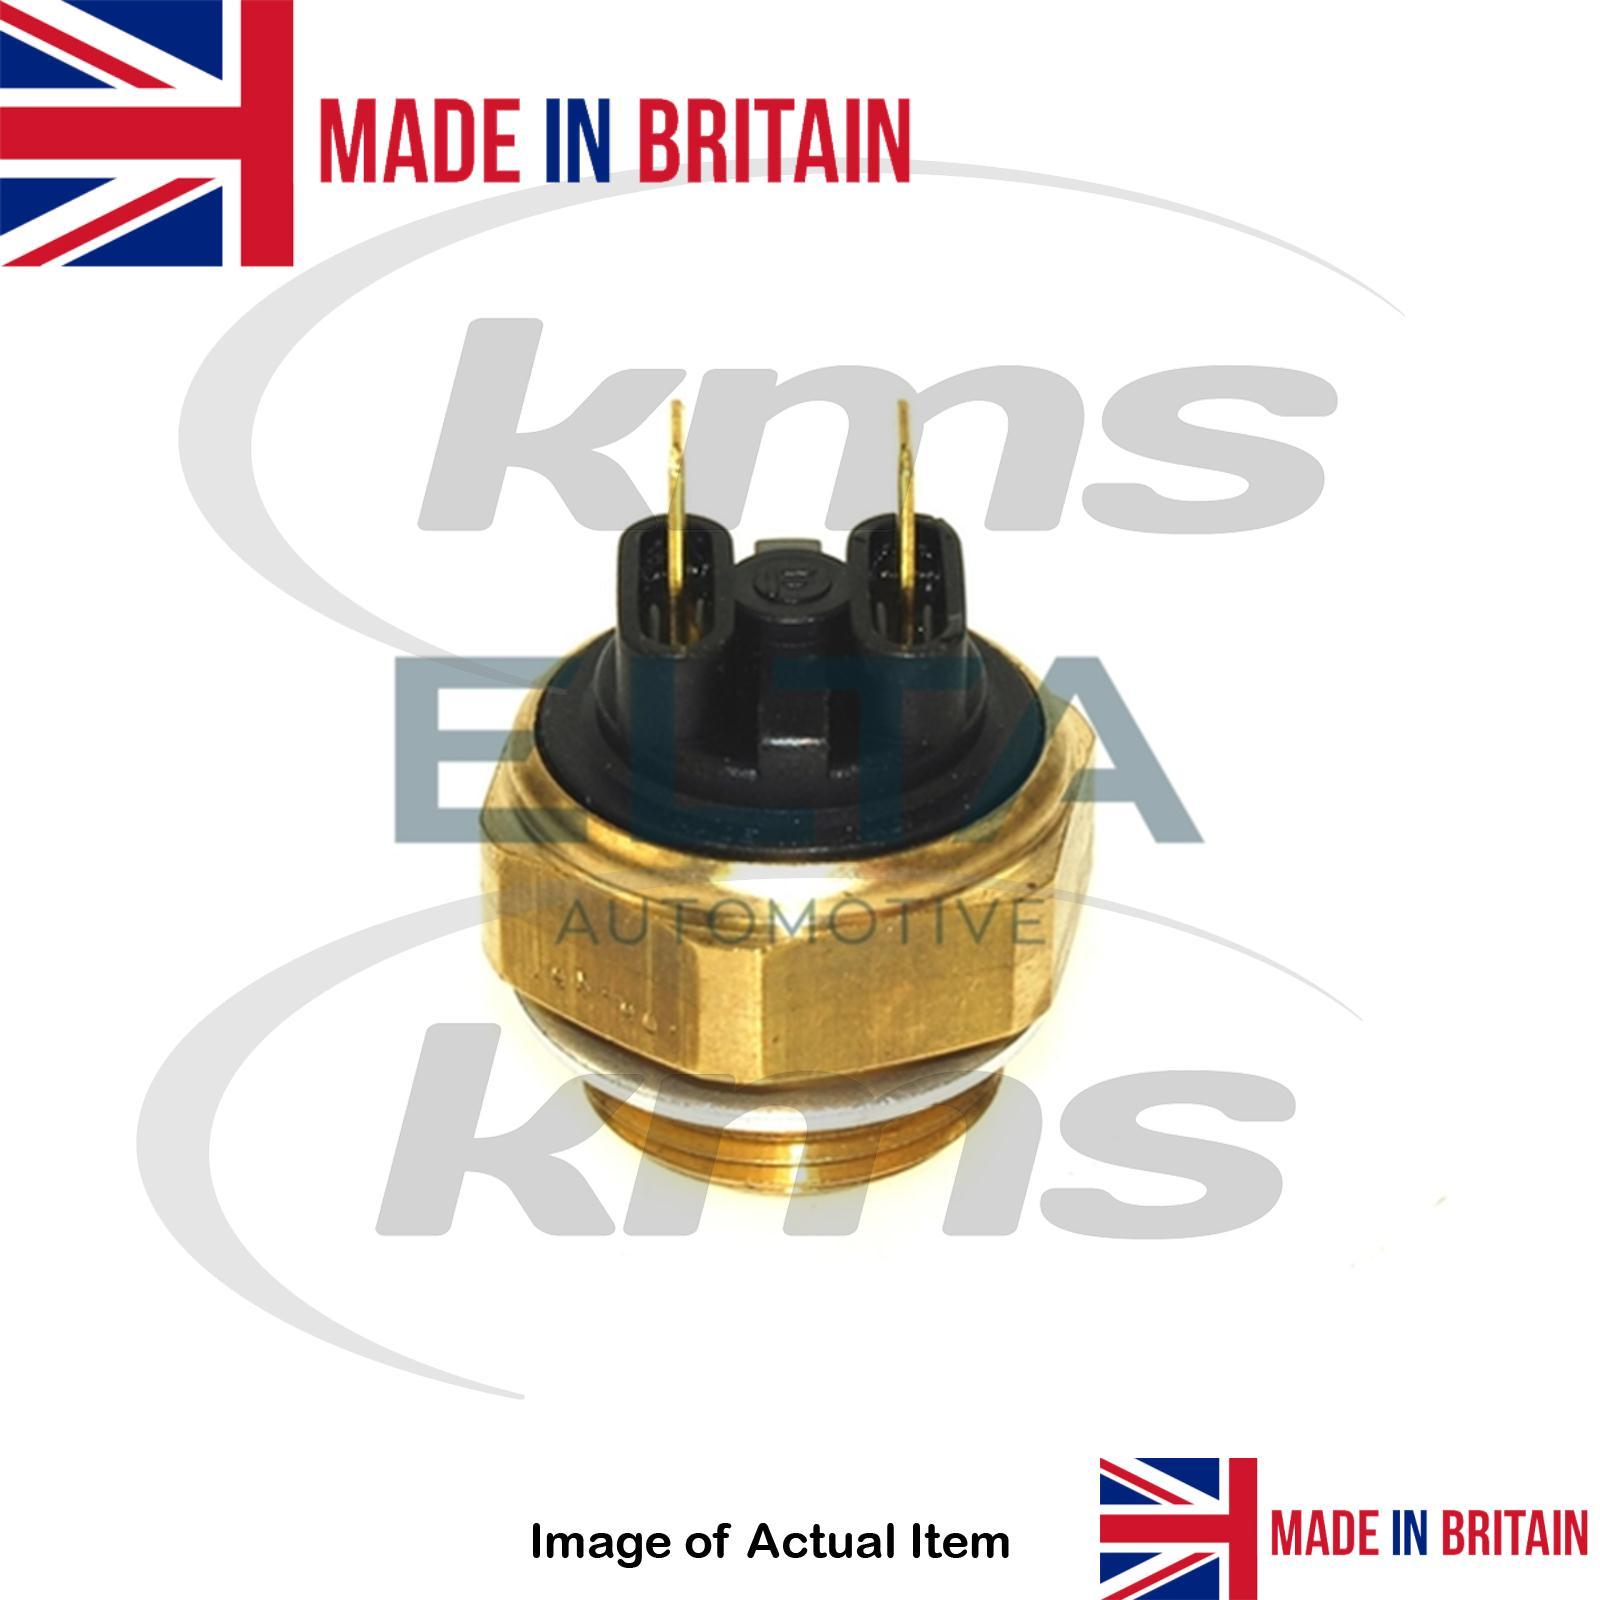 Nuevo Genuino Elta Radiador Ventilador De Refrigeración Temperatura Interruptor EV2027 Calidad Superior